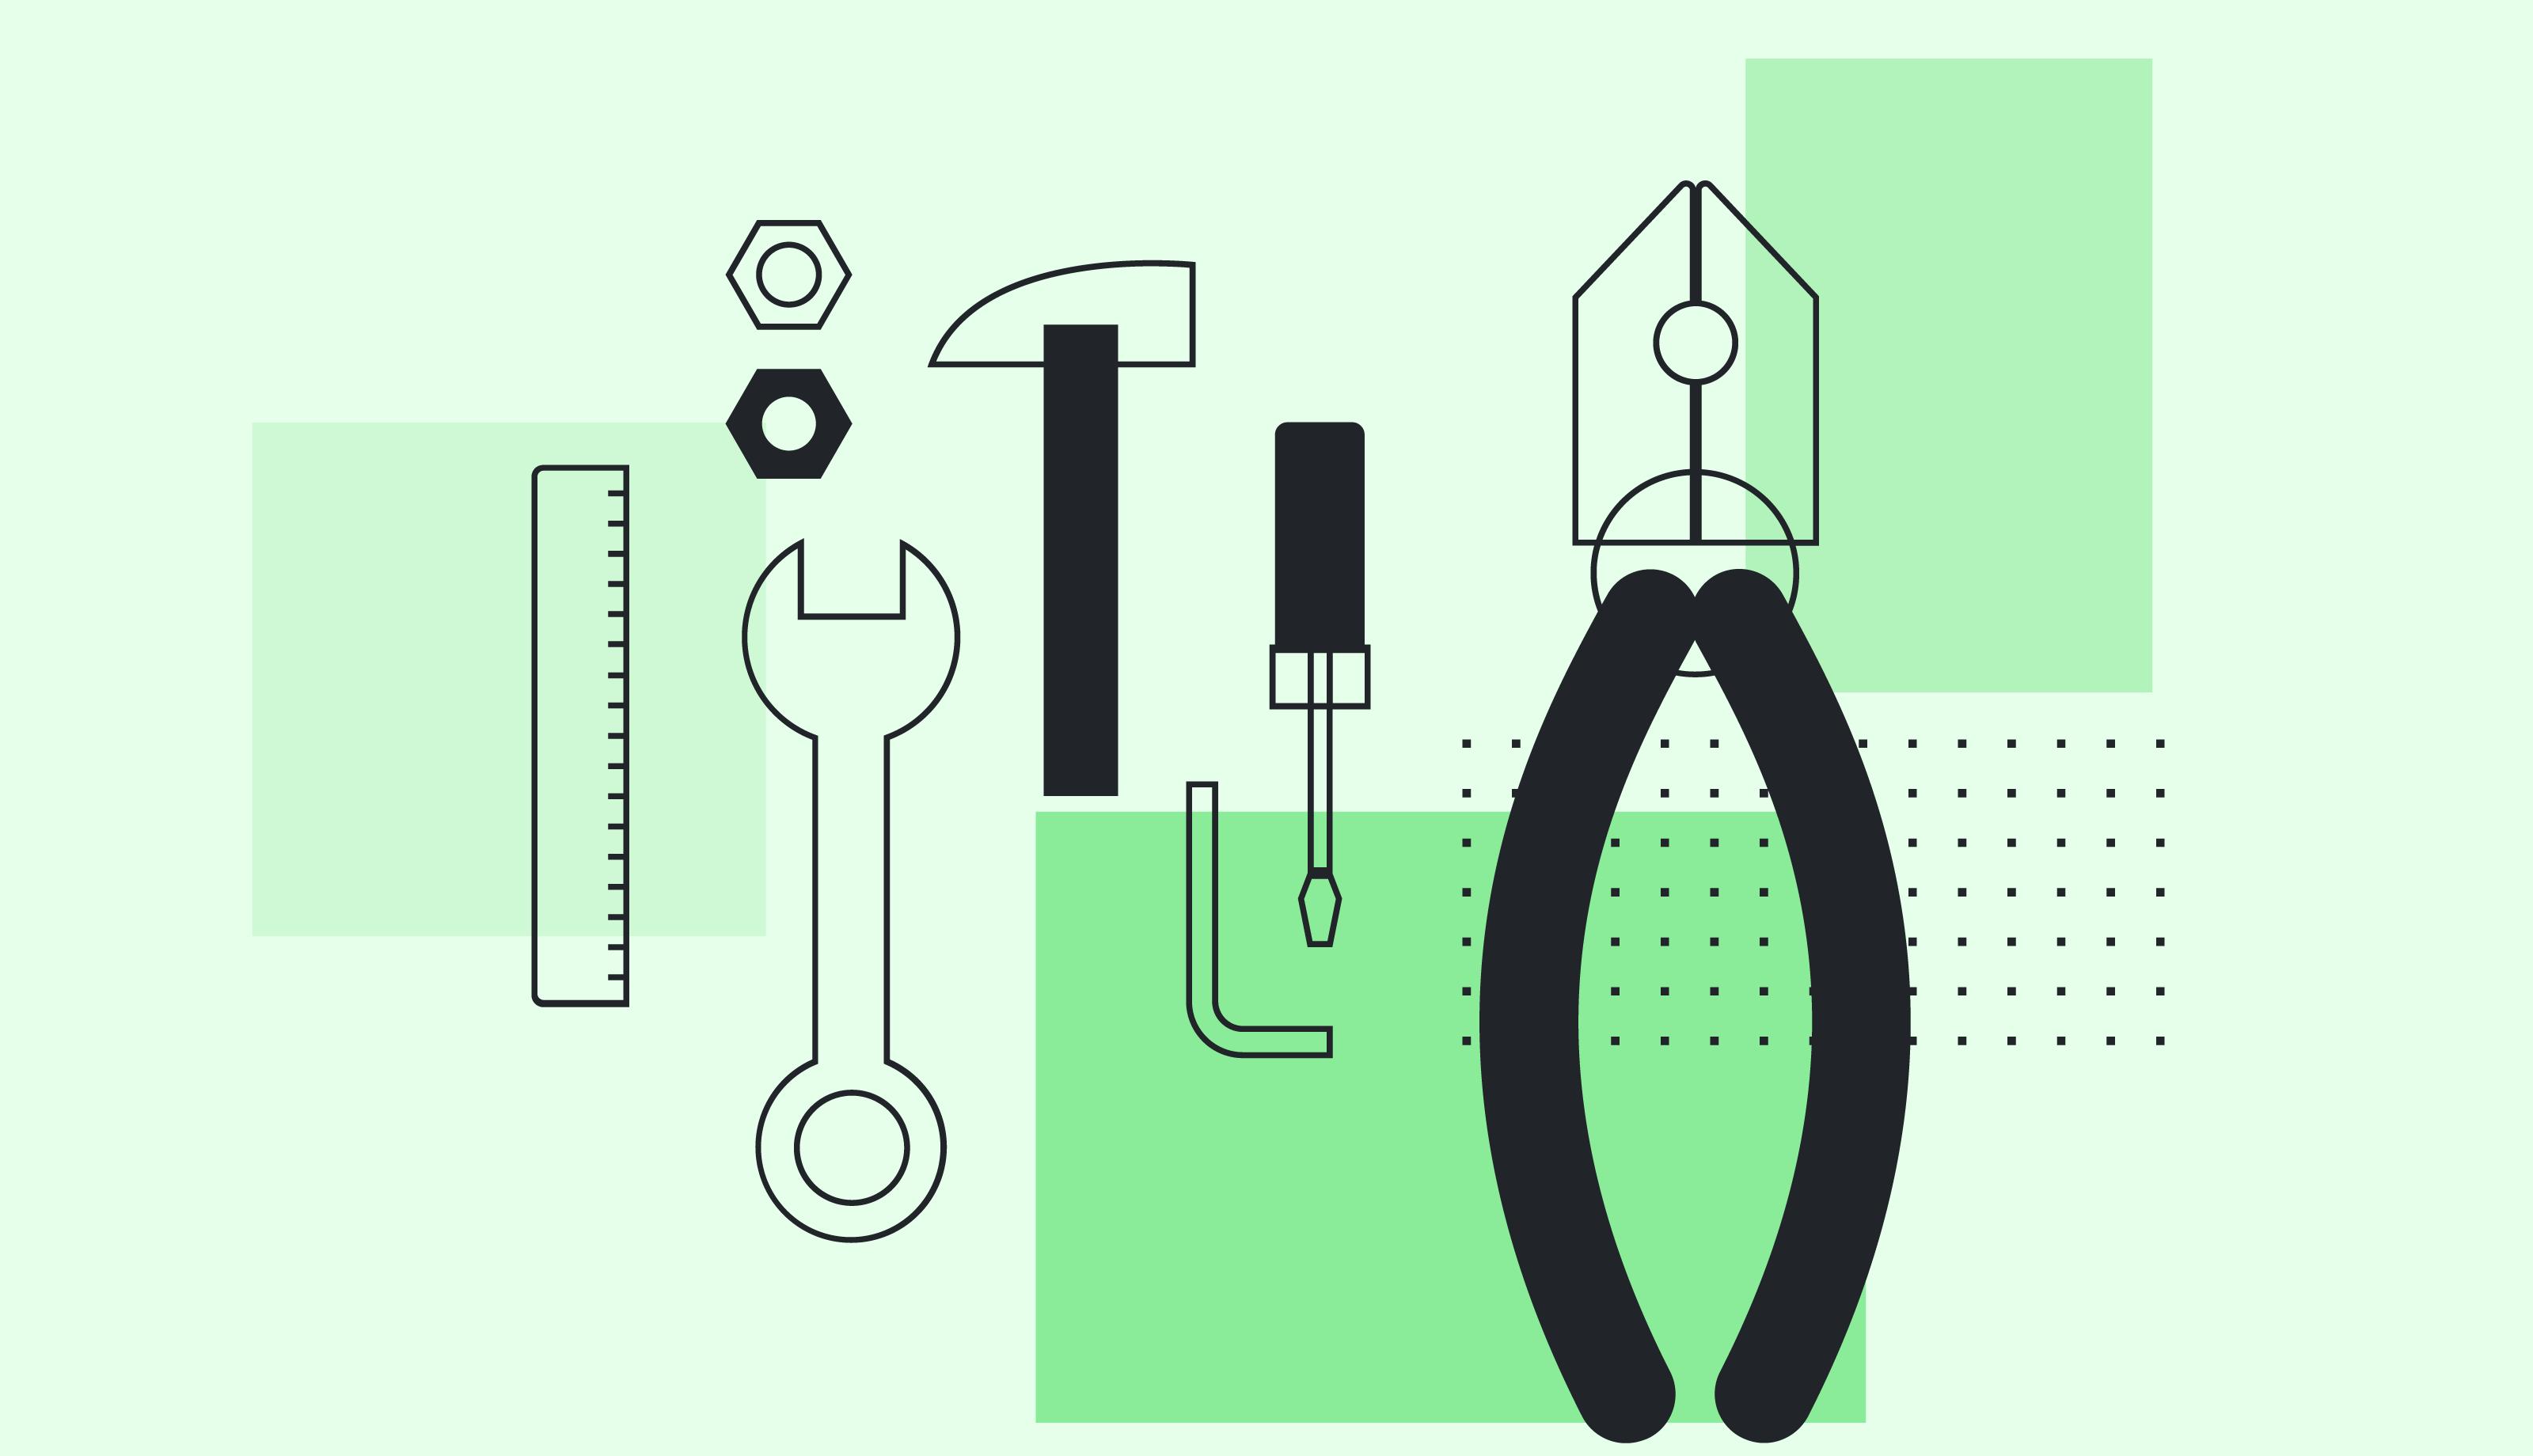 Moneytree LINKのプロダクト「LINK Kit」で、アプリに新しい価値を組み込む